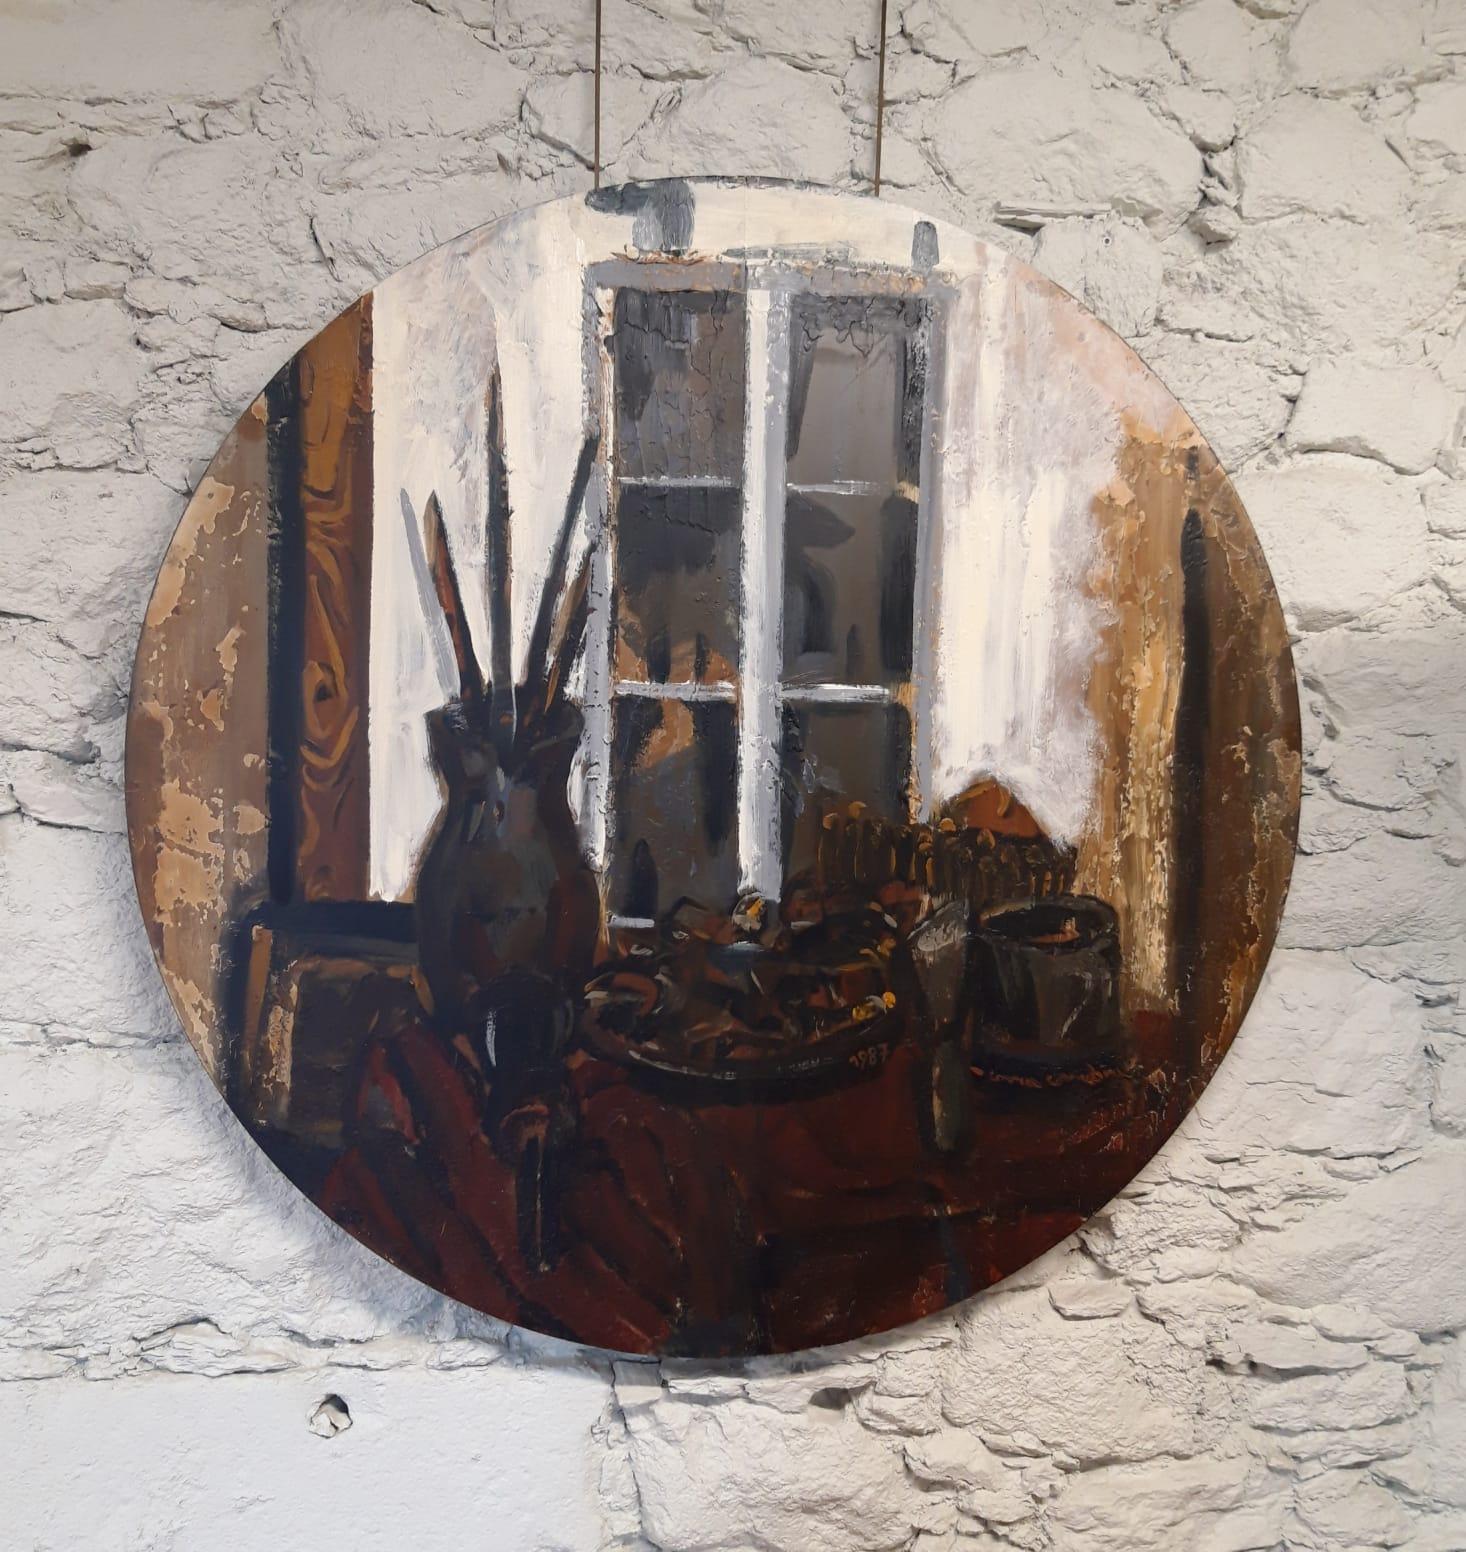 Exposición Correa Corredoira, Pintor no Taller, Instituto de Estudos Ulloáns,castelo de Pambre